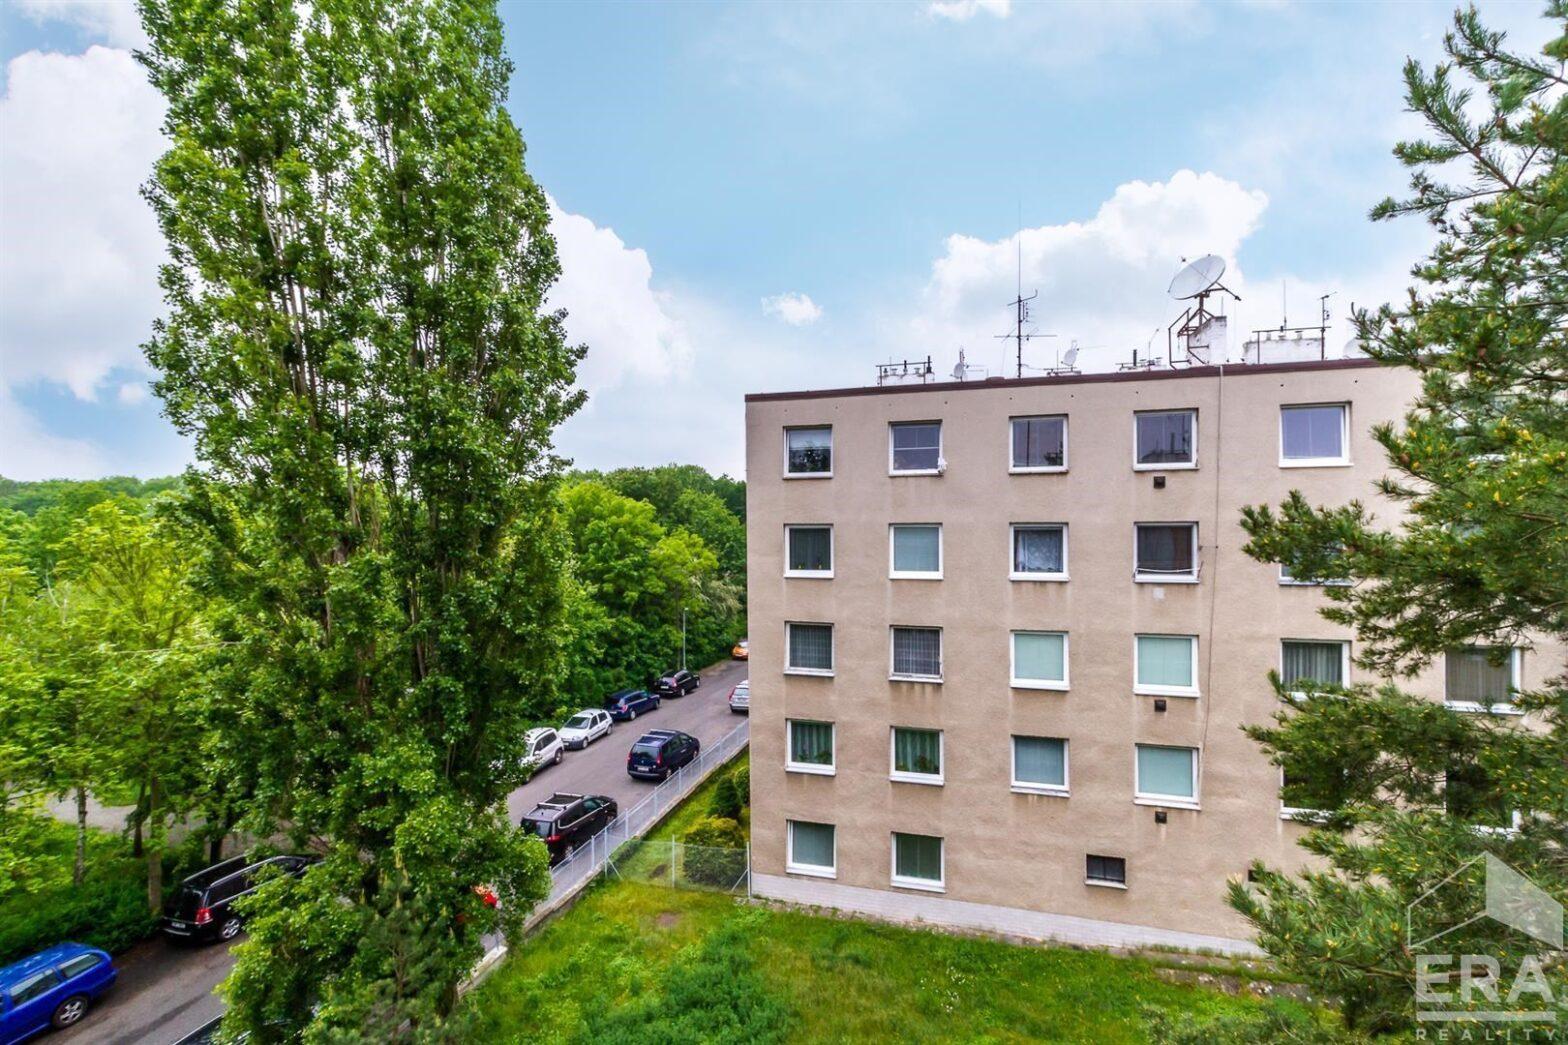 Pronájem bytu 2+kk, 35 m2 + sklep 4m2, Praha 4 Hodkovičky